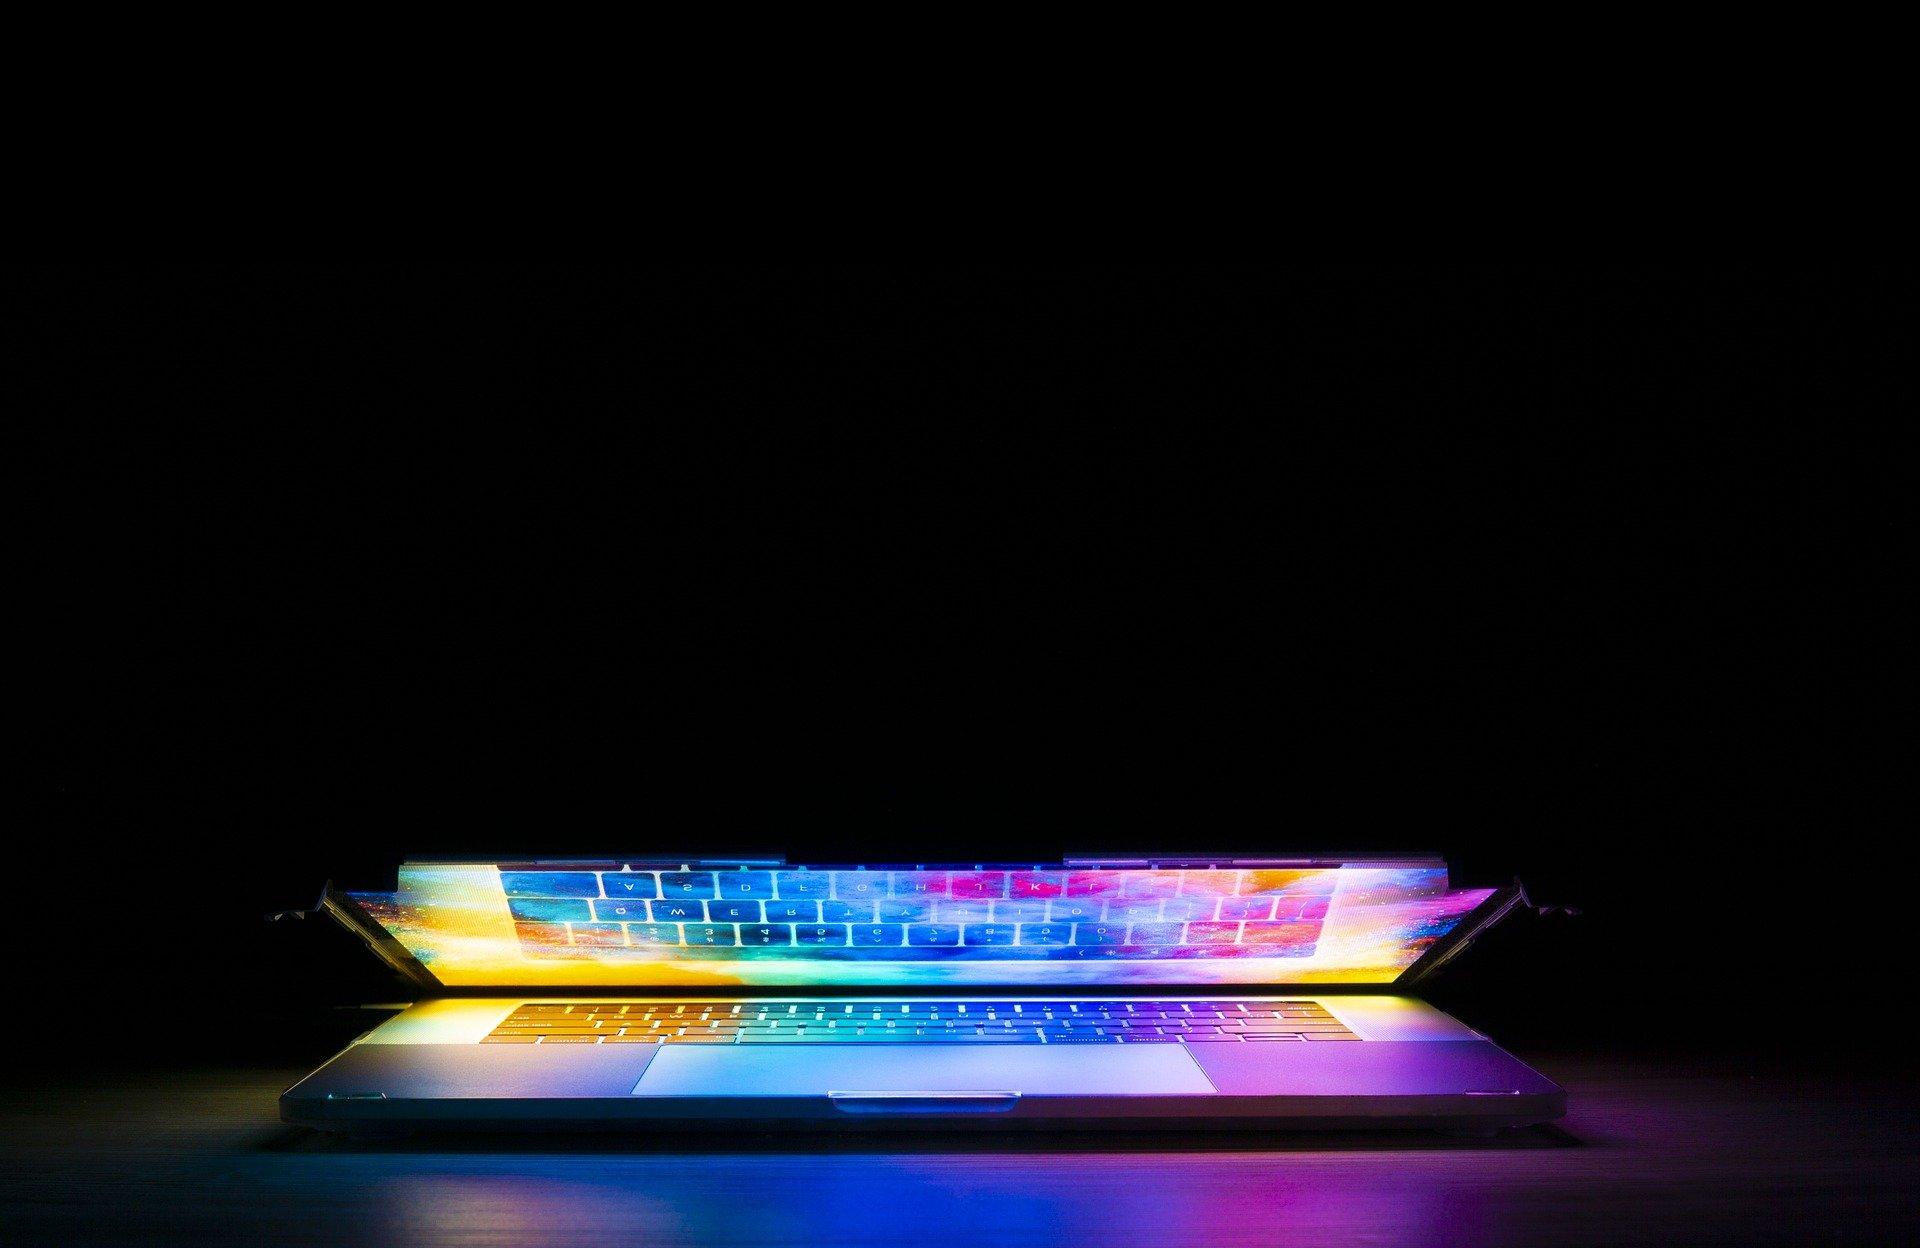 keyboard 5017973 1920 37 - latek zainstalował na komputerze program i patrzył, jak z jego konta znikają pieniądze